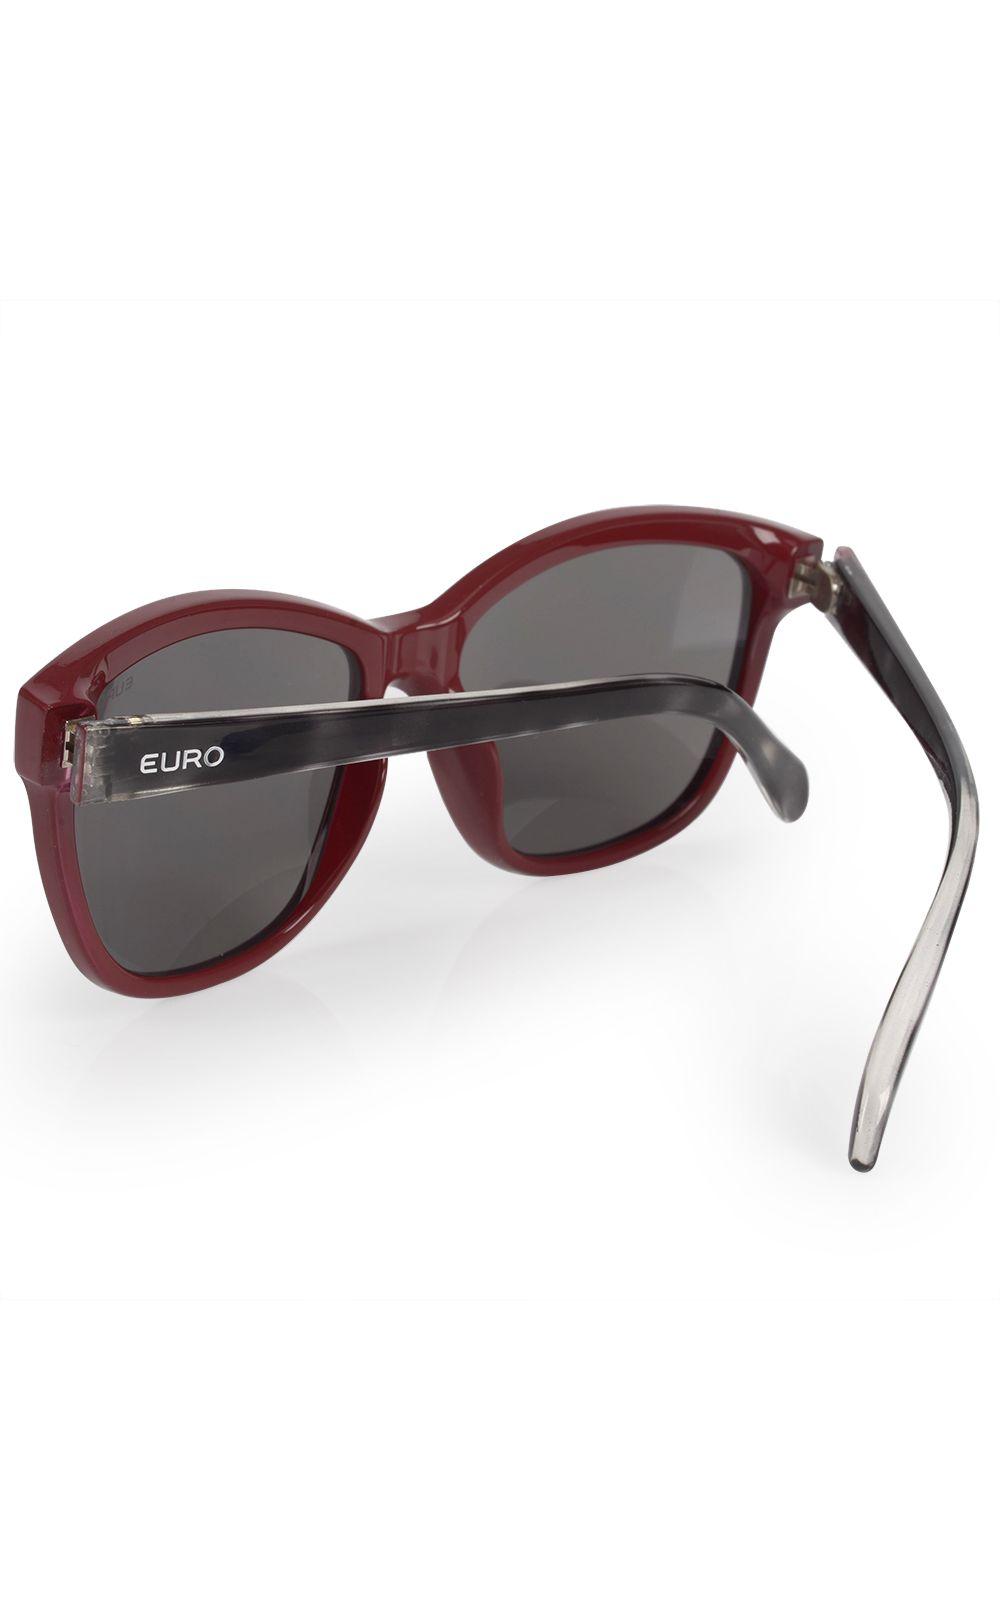 Foto 3 - Óculos Euro Feminino Quadrado Colors Vinho E0018C6309/4C